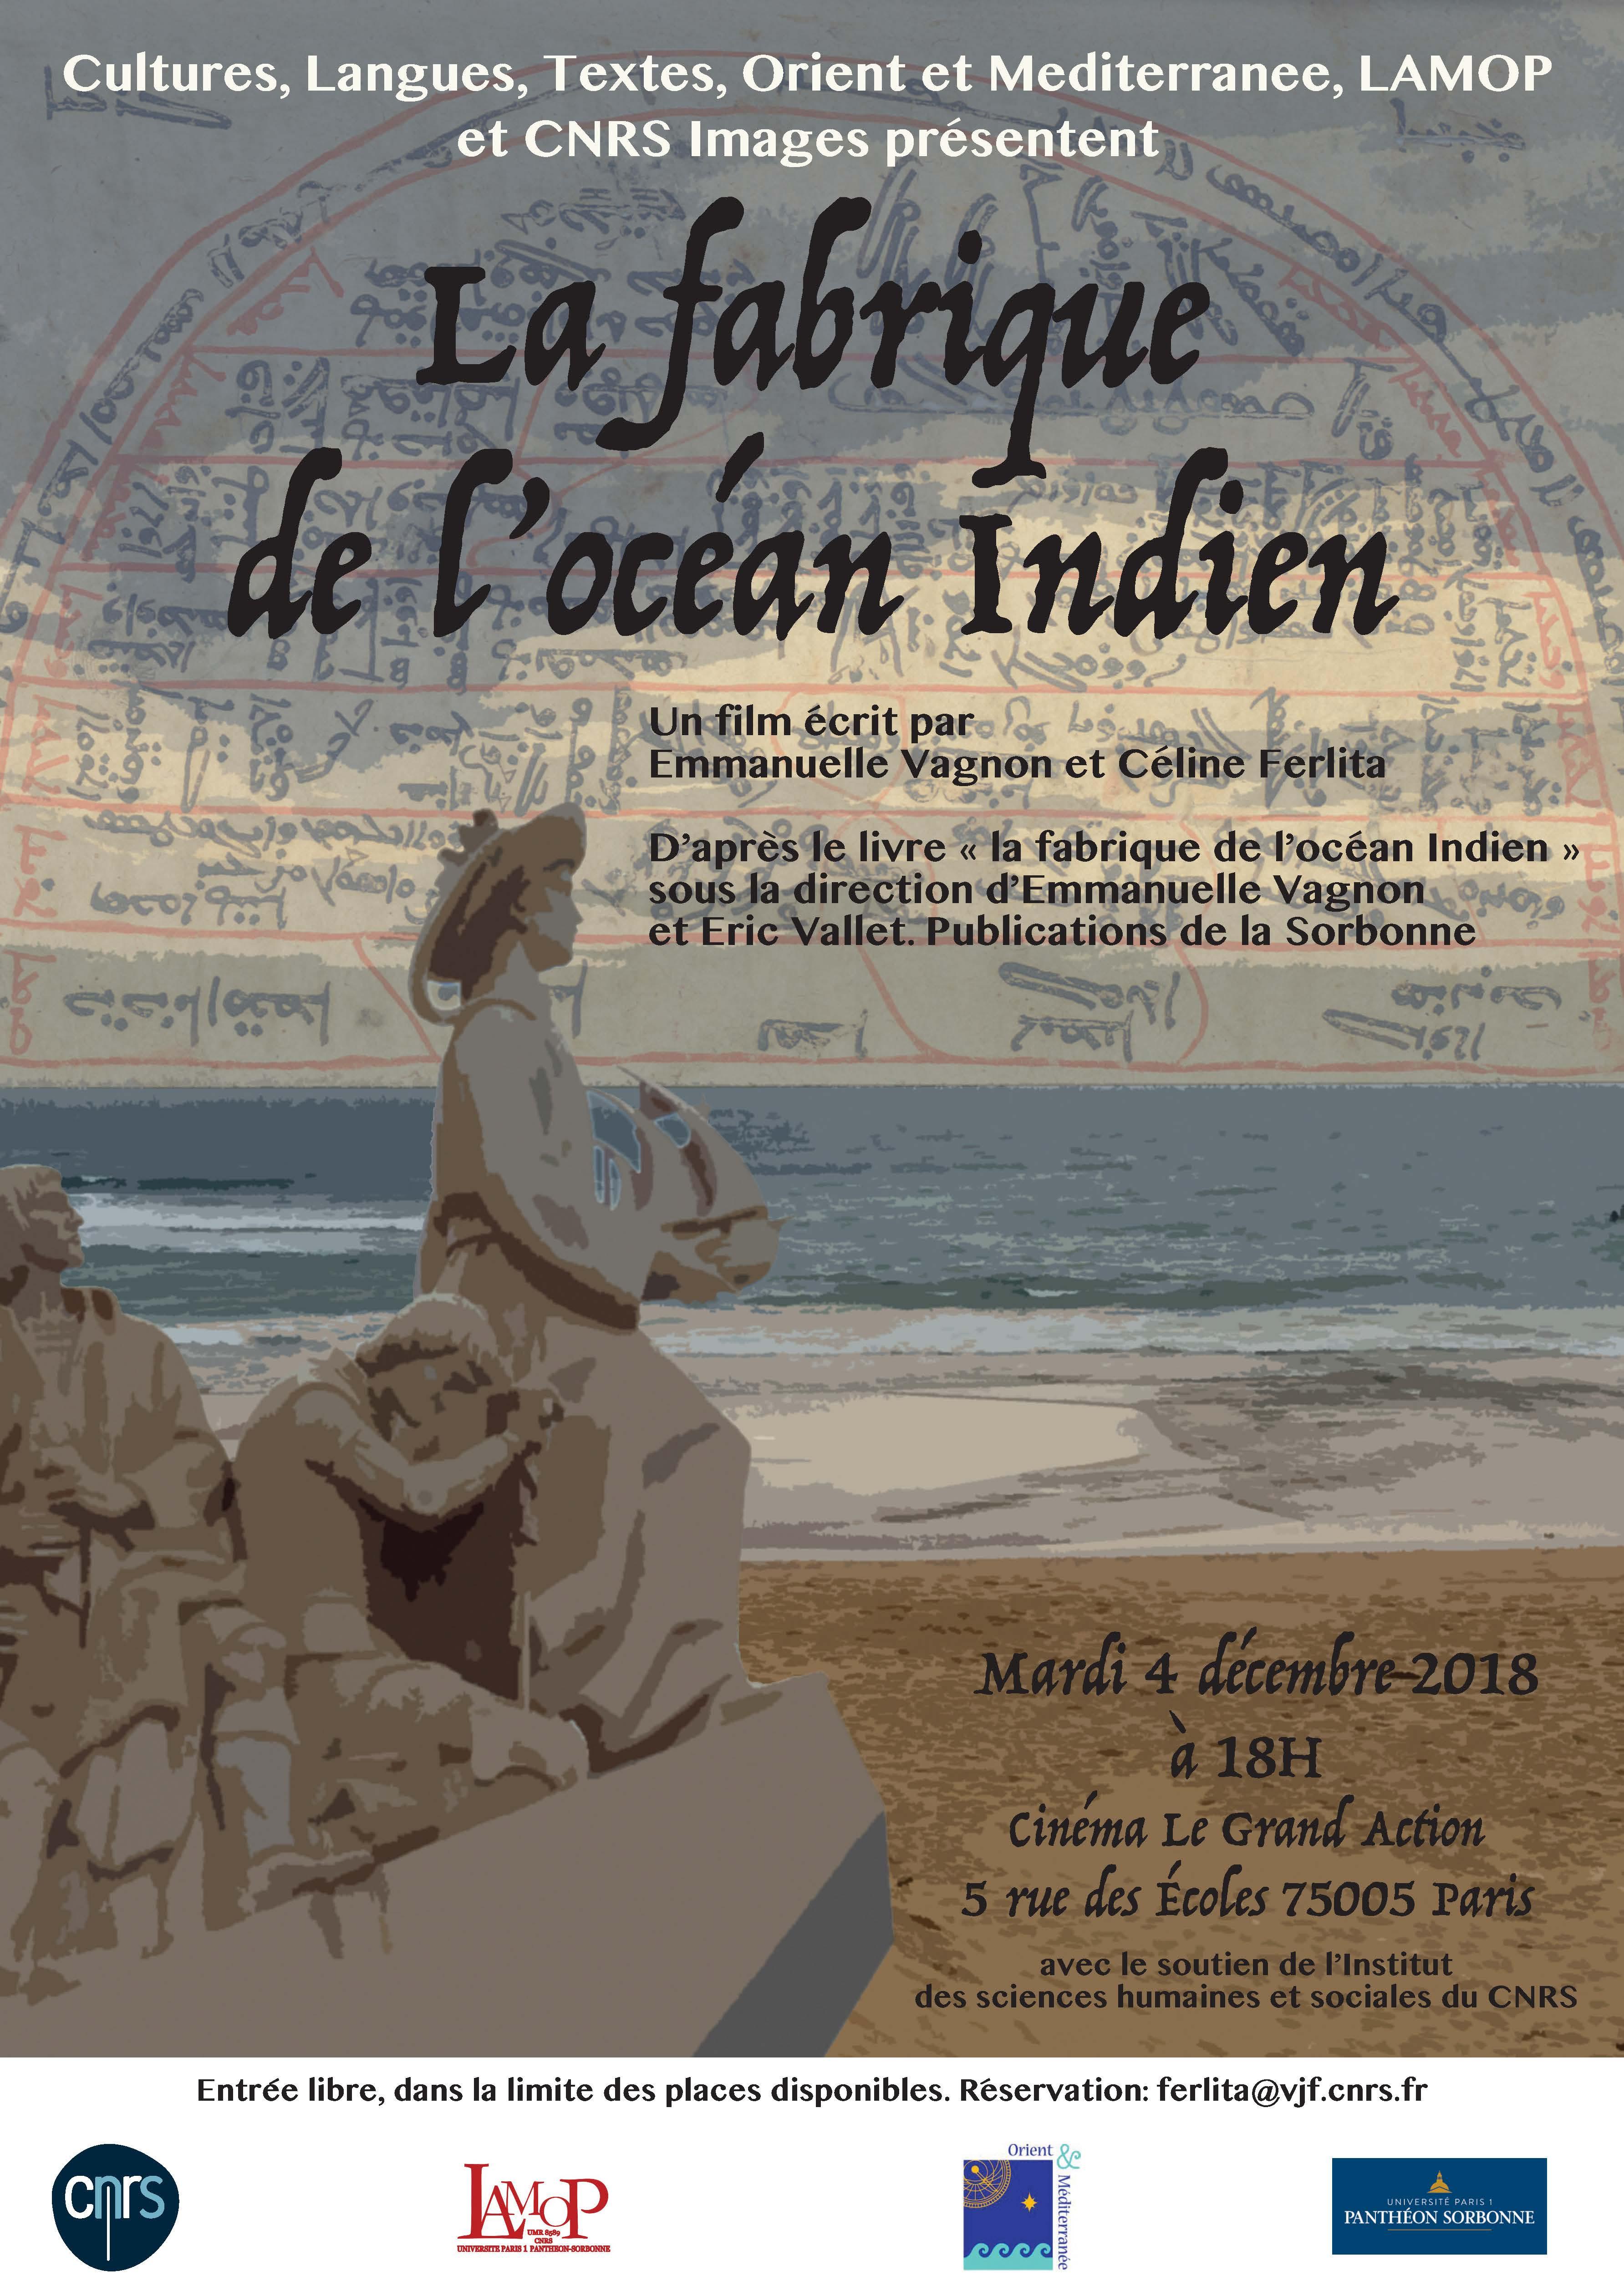 La fabrique de l'océan Indien : le film. Projection le 4 décembre